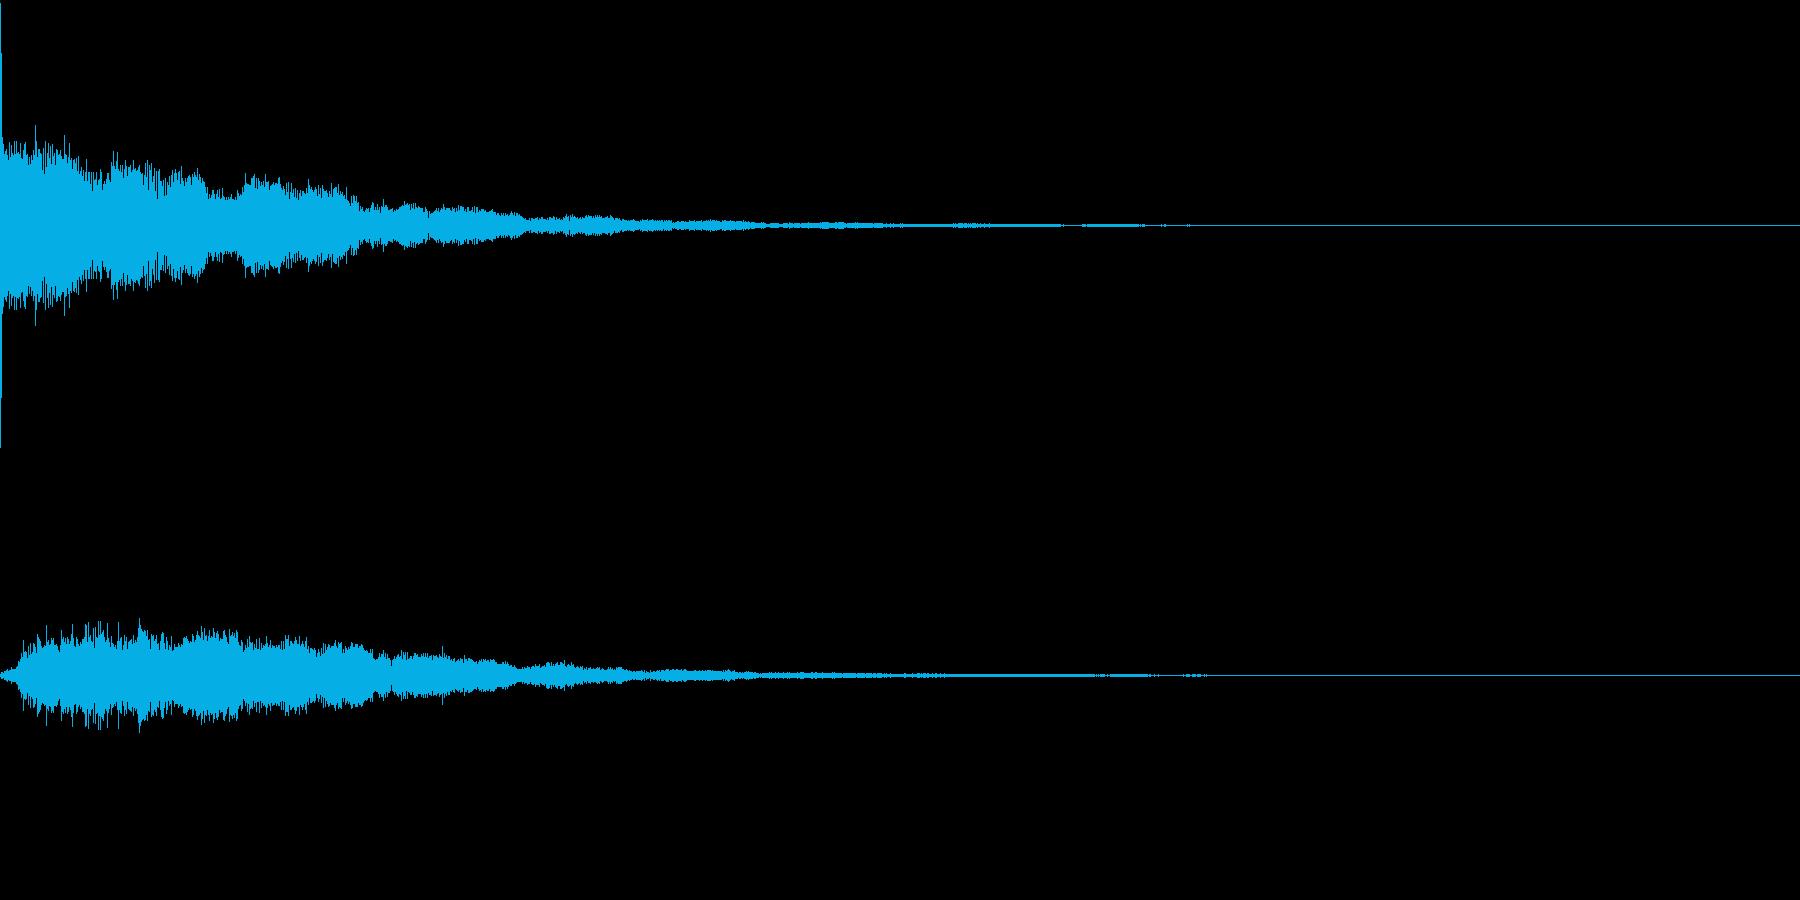 違和感、不穏、不気味な不協和音-C0の再生済みの波形